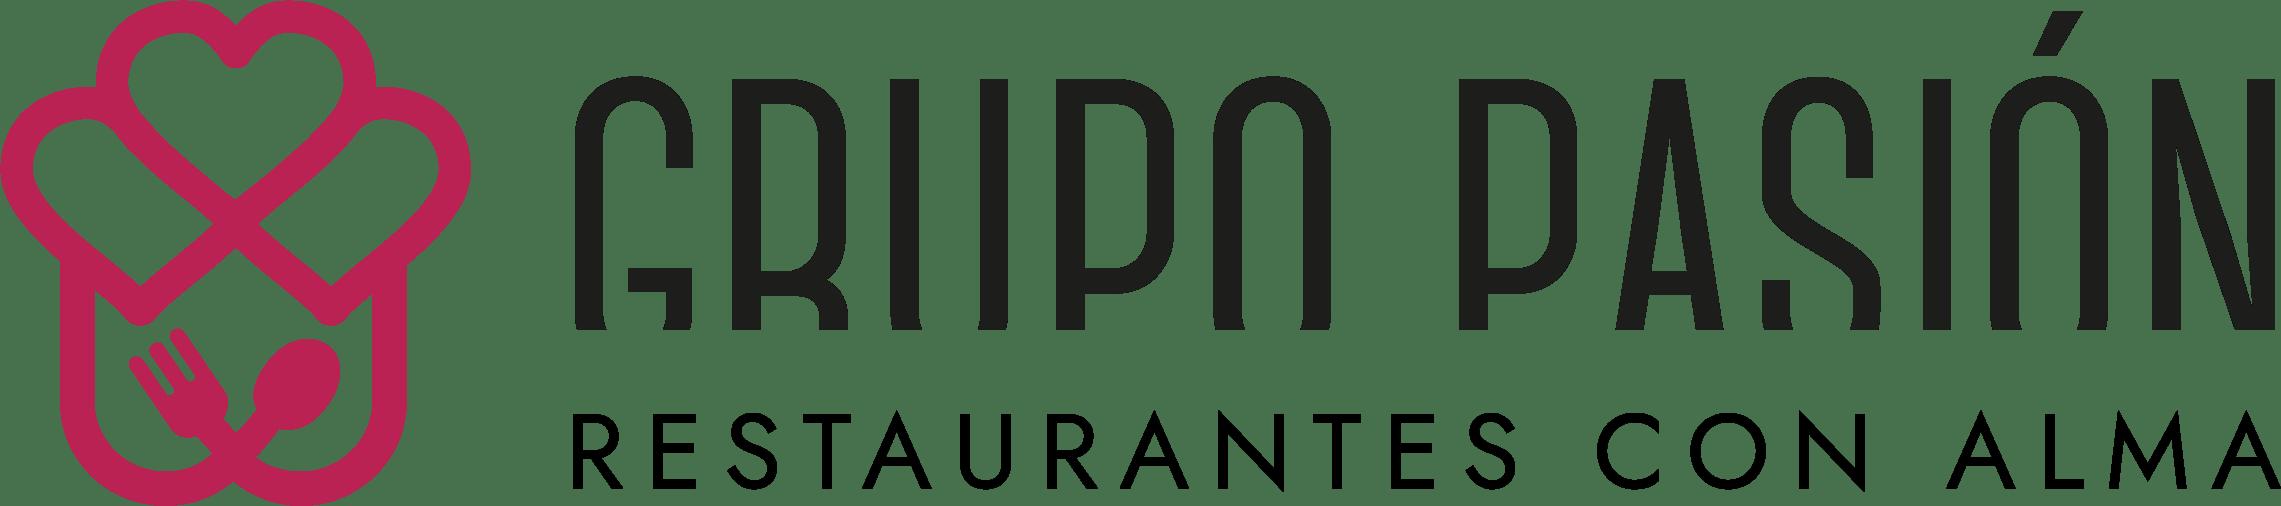 Restaurantes en logroño:  Kabanova, Letras de Laurel, Pasión por Ti y Emociones en boca